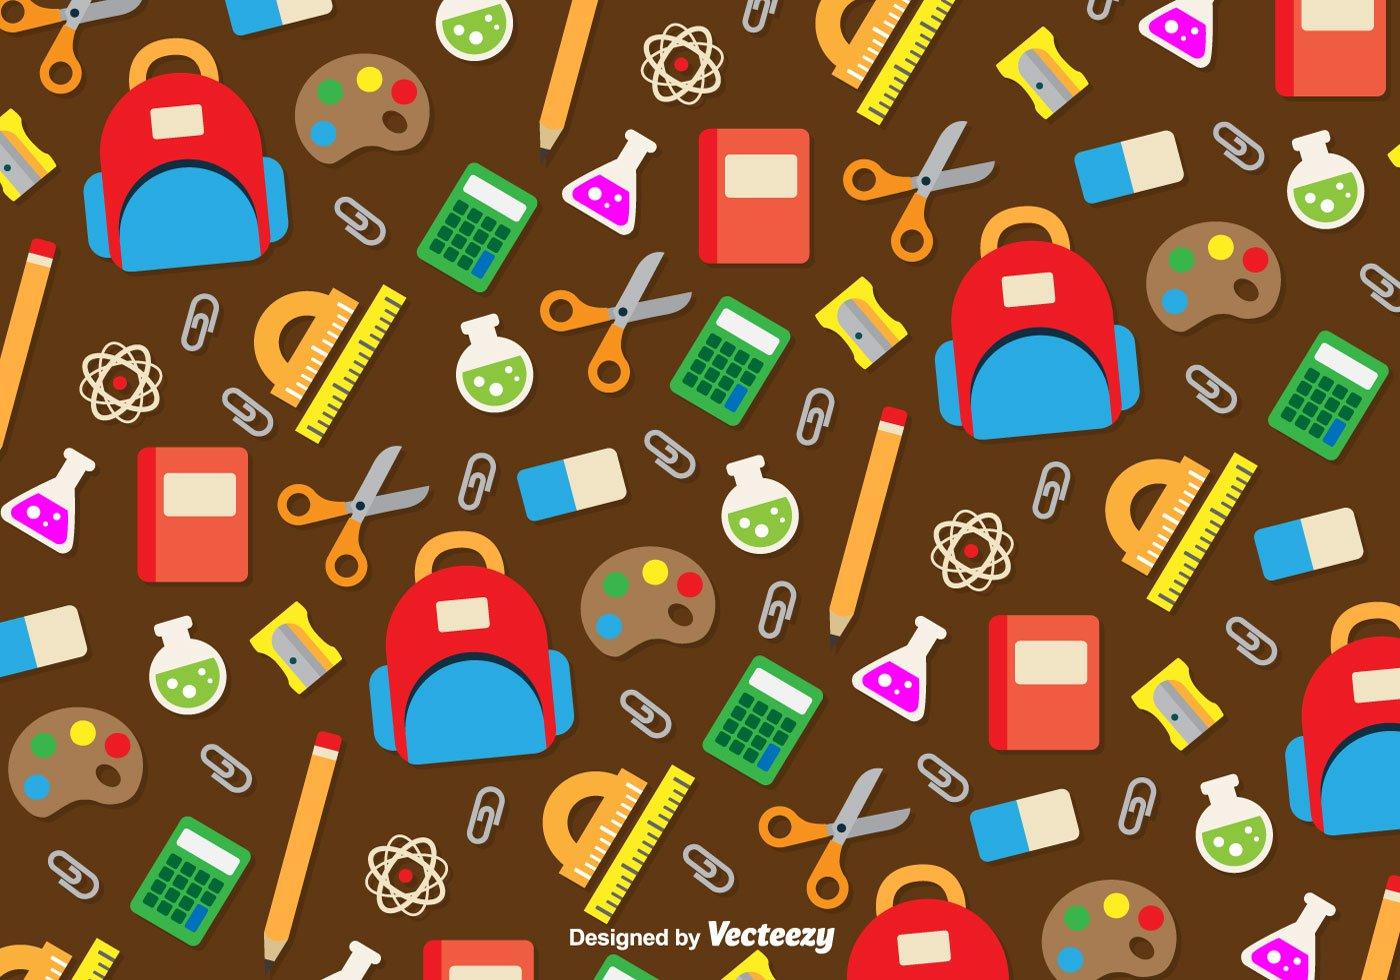 School utensils icons background   Download Vector 1400x980